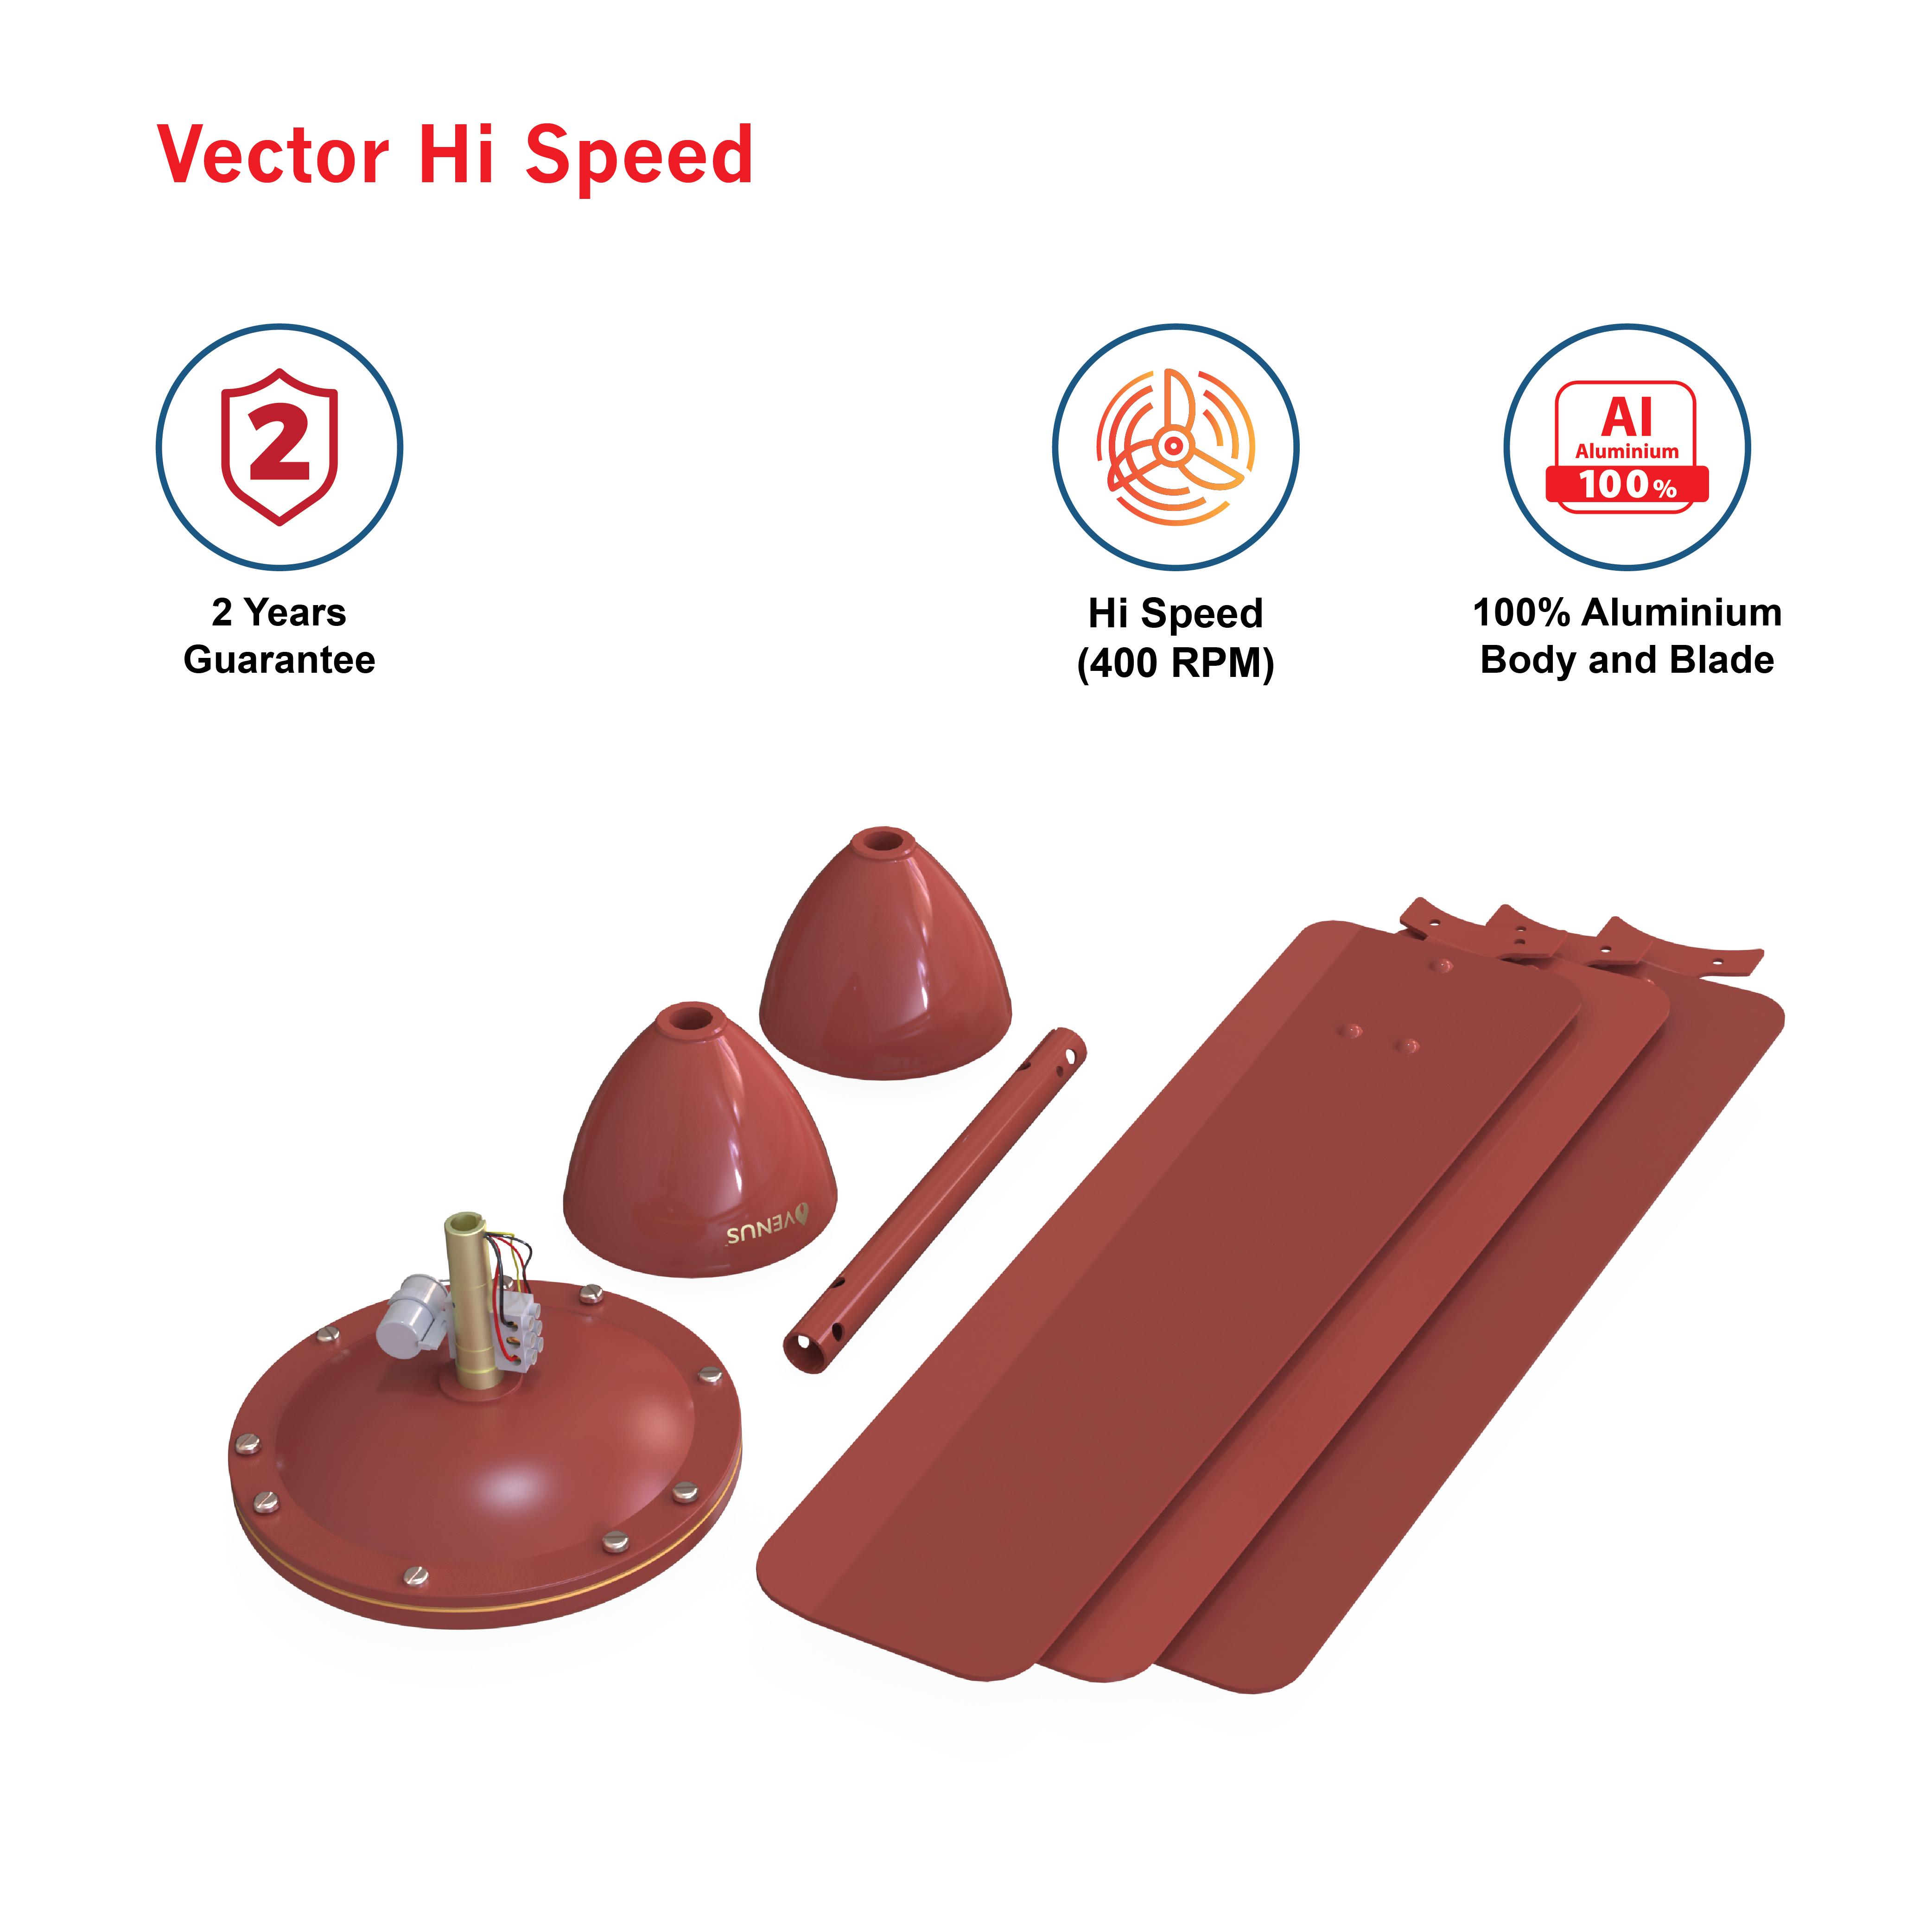 Vector-Hi-speed - V1050mm